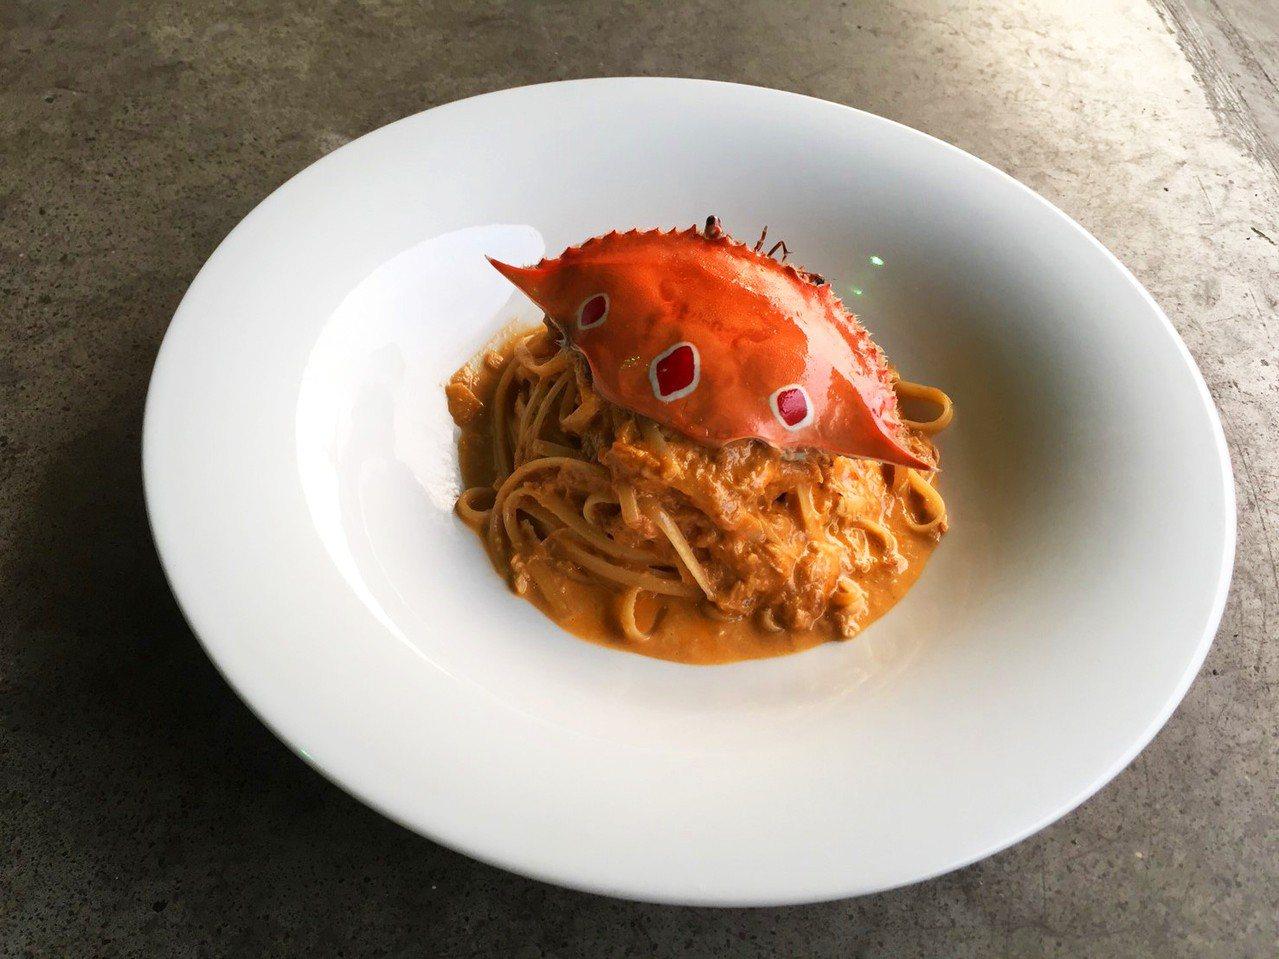 當季螃蟹細扁麵,售價280元。圖/薄多義提供